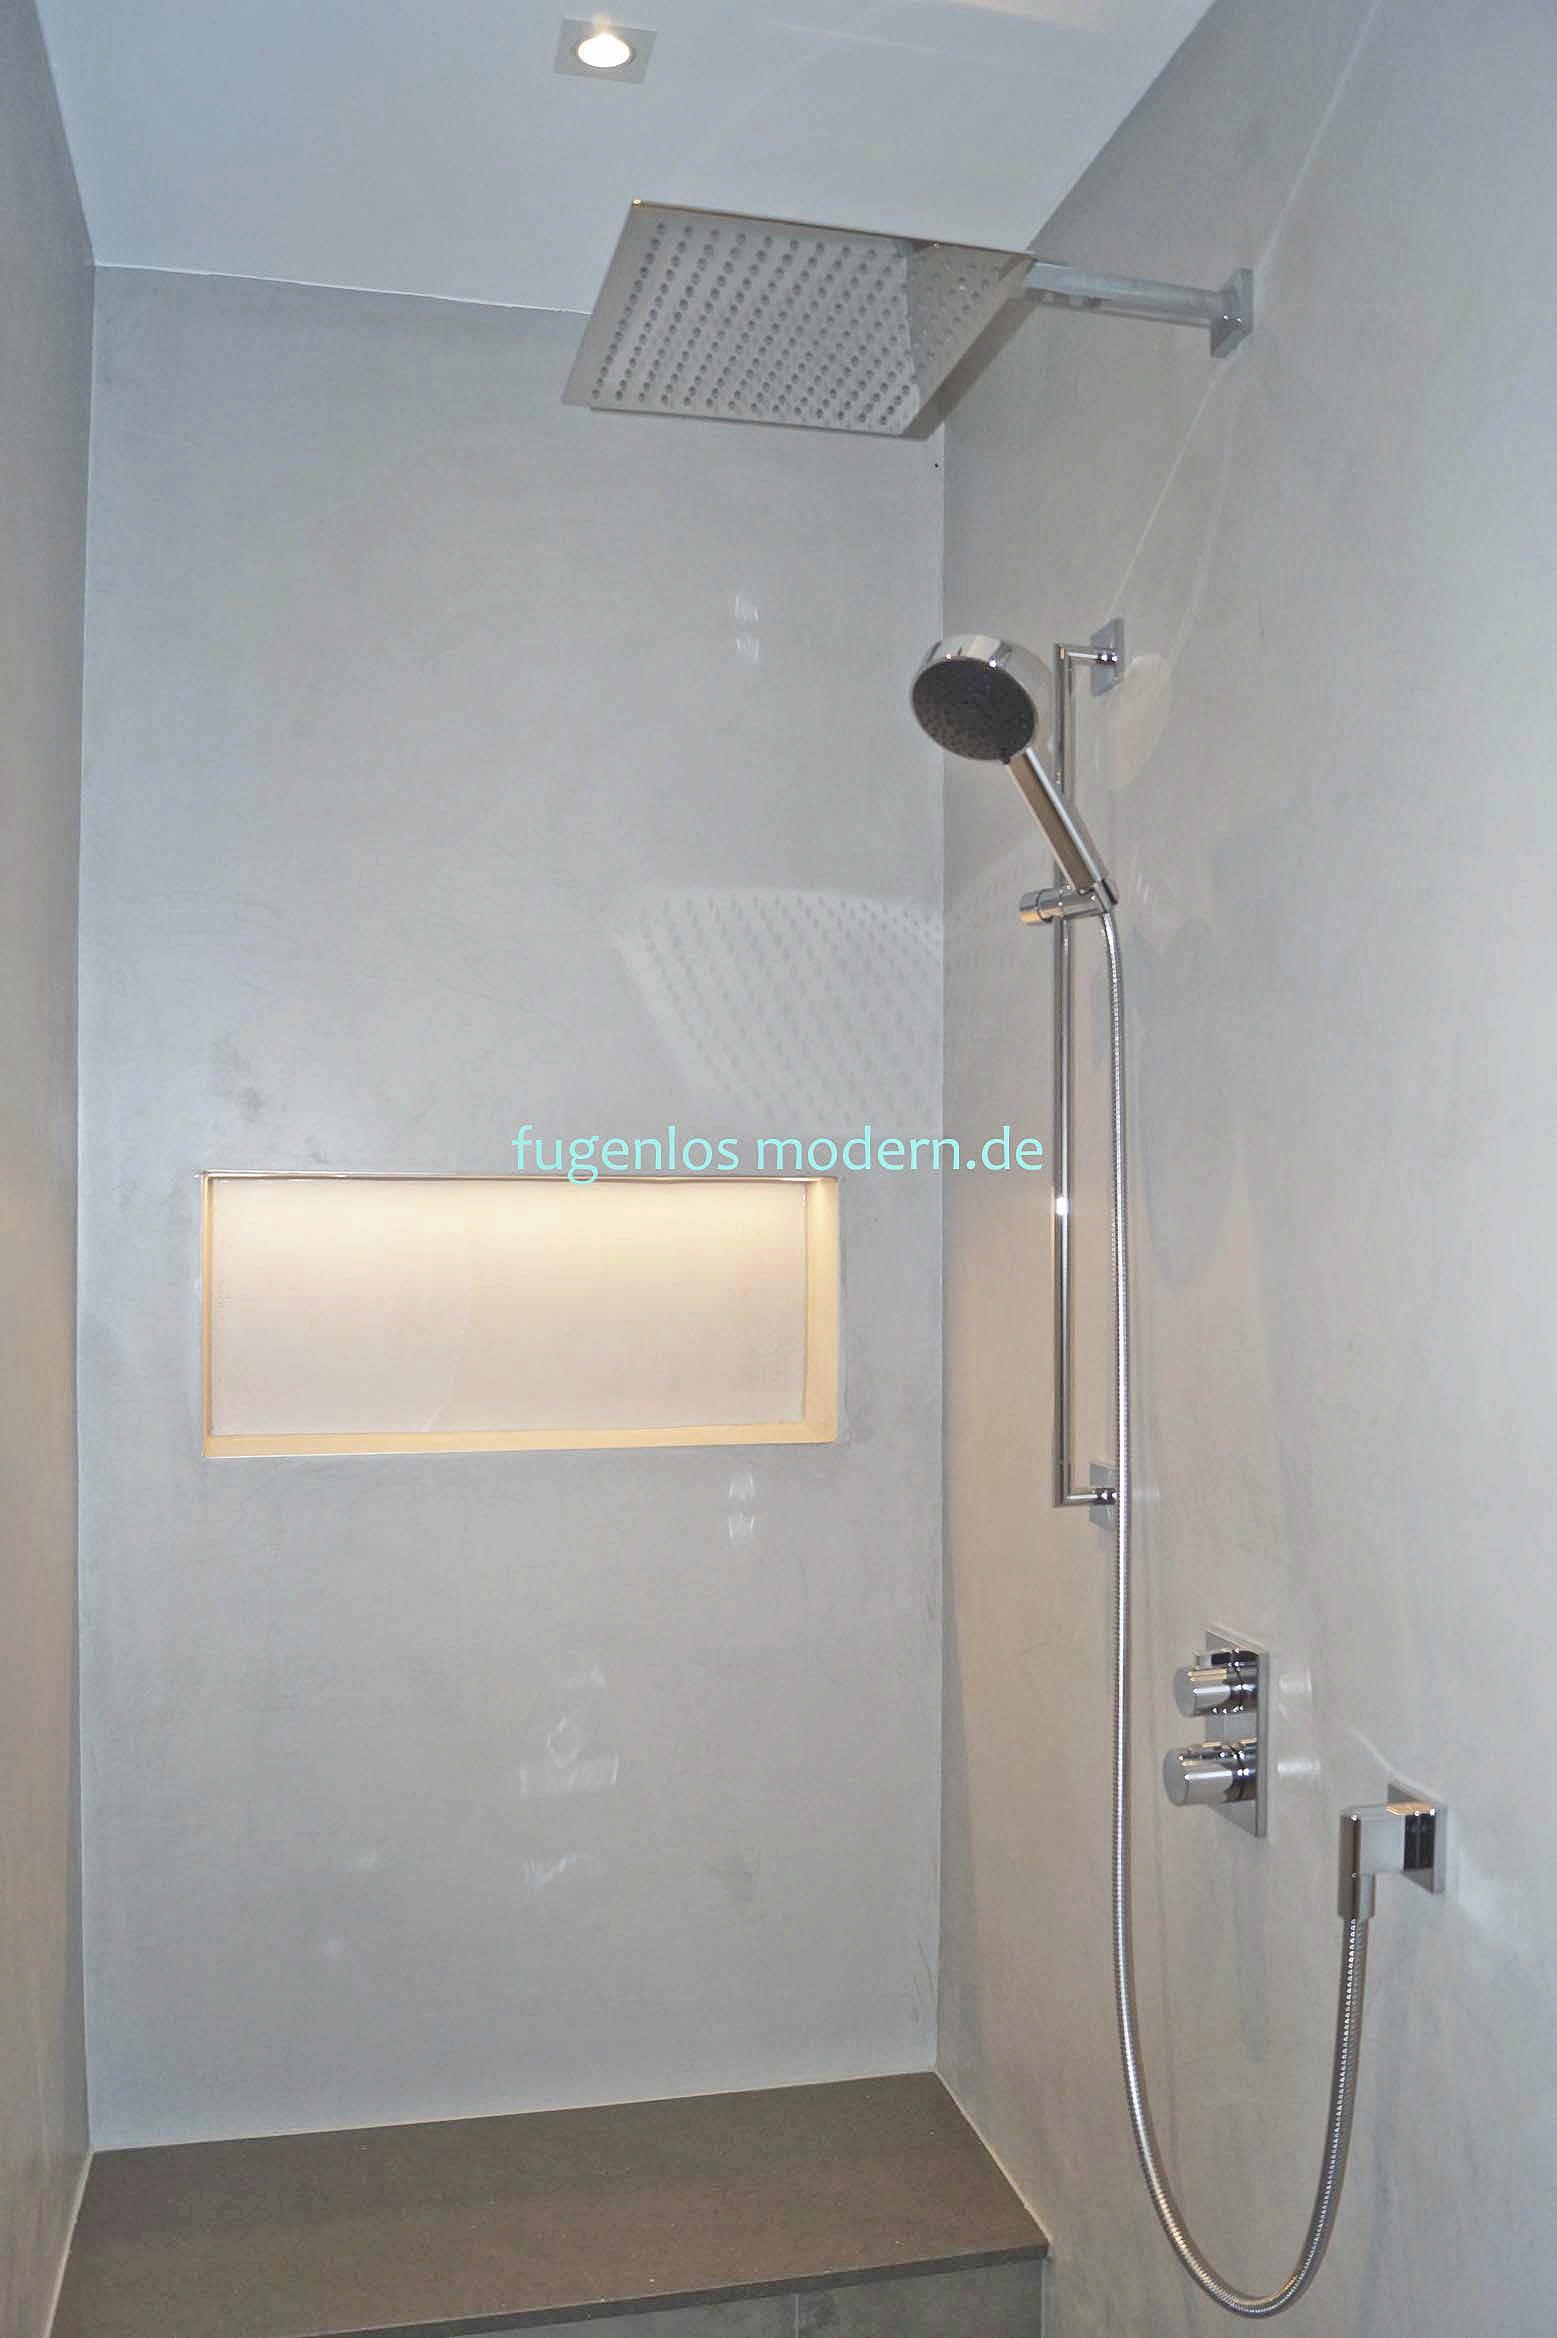 Bad Beton Leicht Zu Reinigen Durch Wasserfeste Versiegelung By Fugenlos Moden De Fugenloses Bad Beton Badezimmer Bad